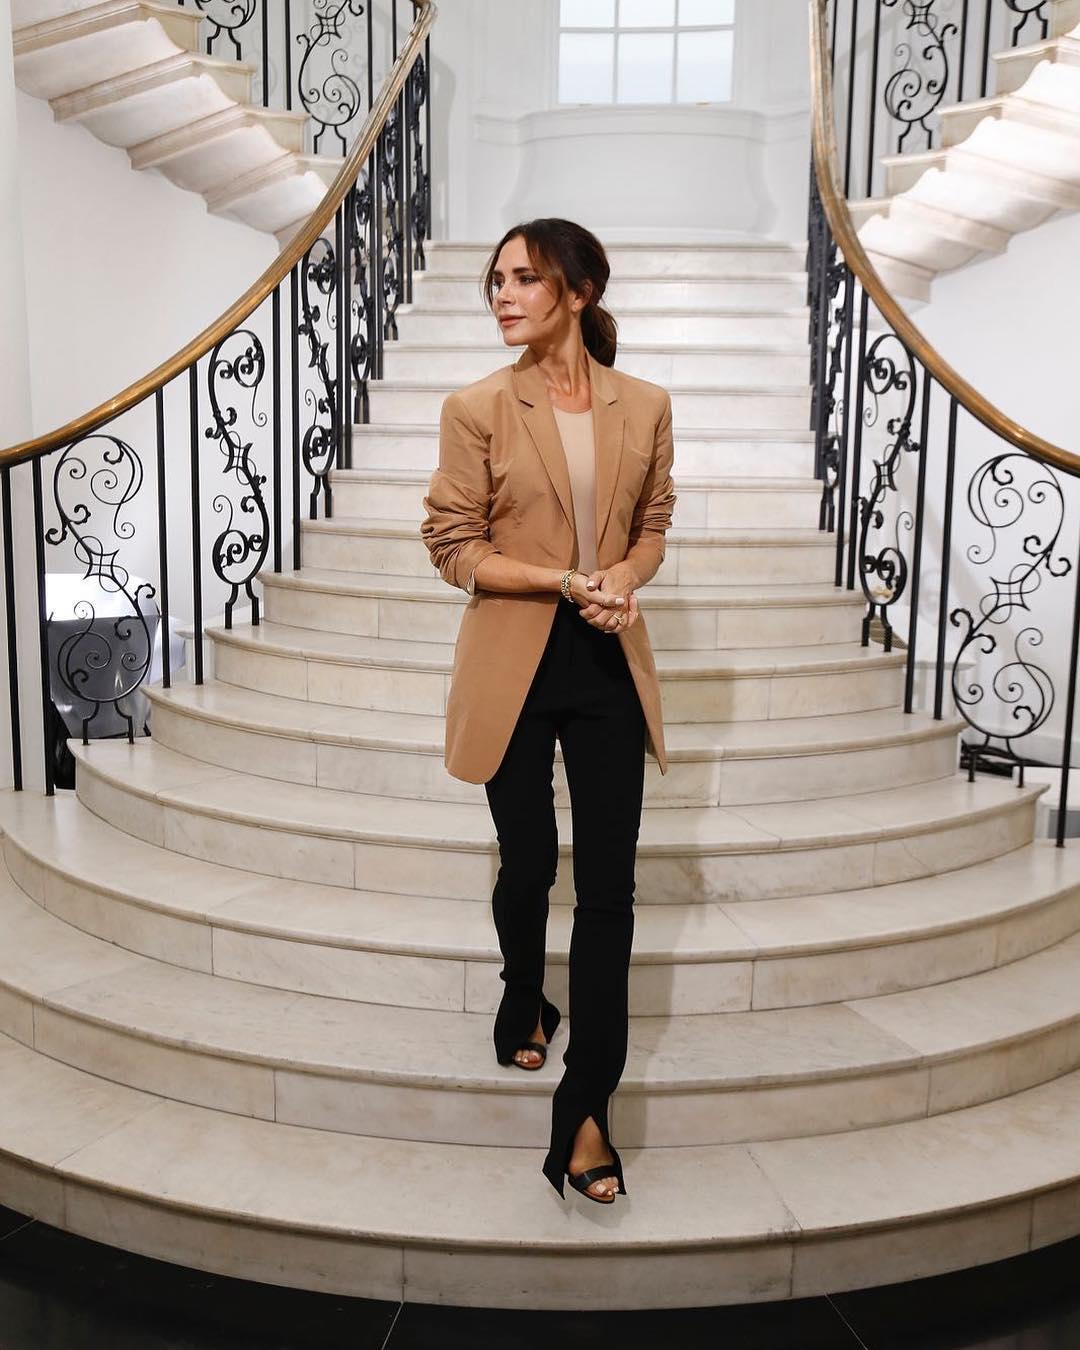 victoria beckham mặc áo khoác màu nâu và quần đen tuần lễ thời trang london